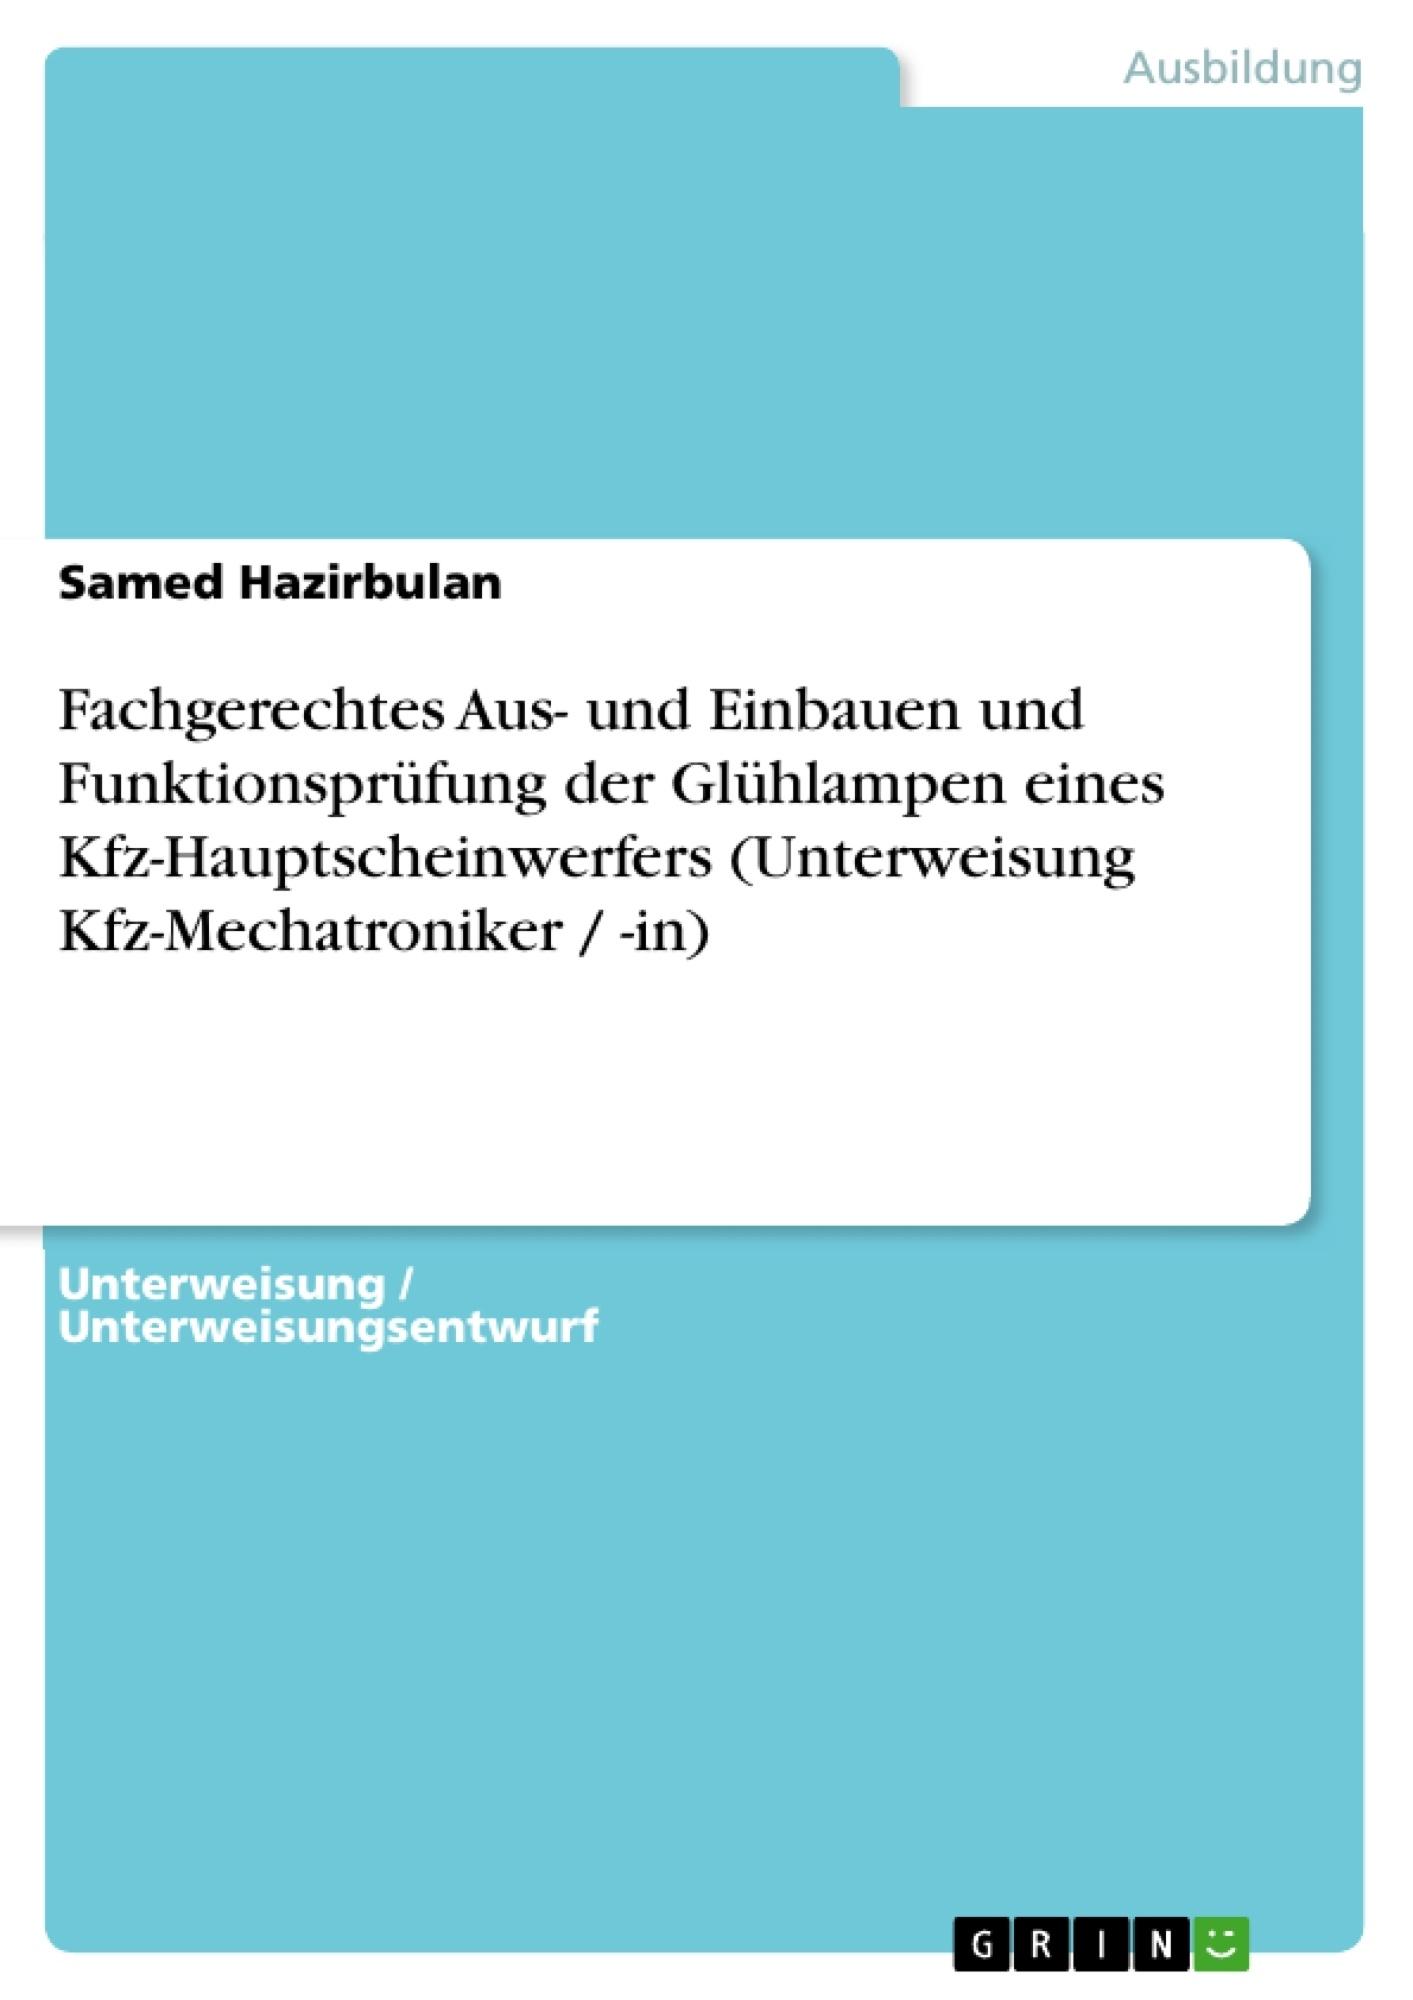 Titel: Fachgerechtes Aus- und Einbauen und Funktionsprüfung der Glühlampen eines Kfz-Hauptscheinwerfers (Unterweisung Kfz-Mechatroniker / -in)